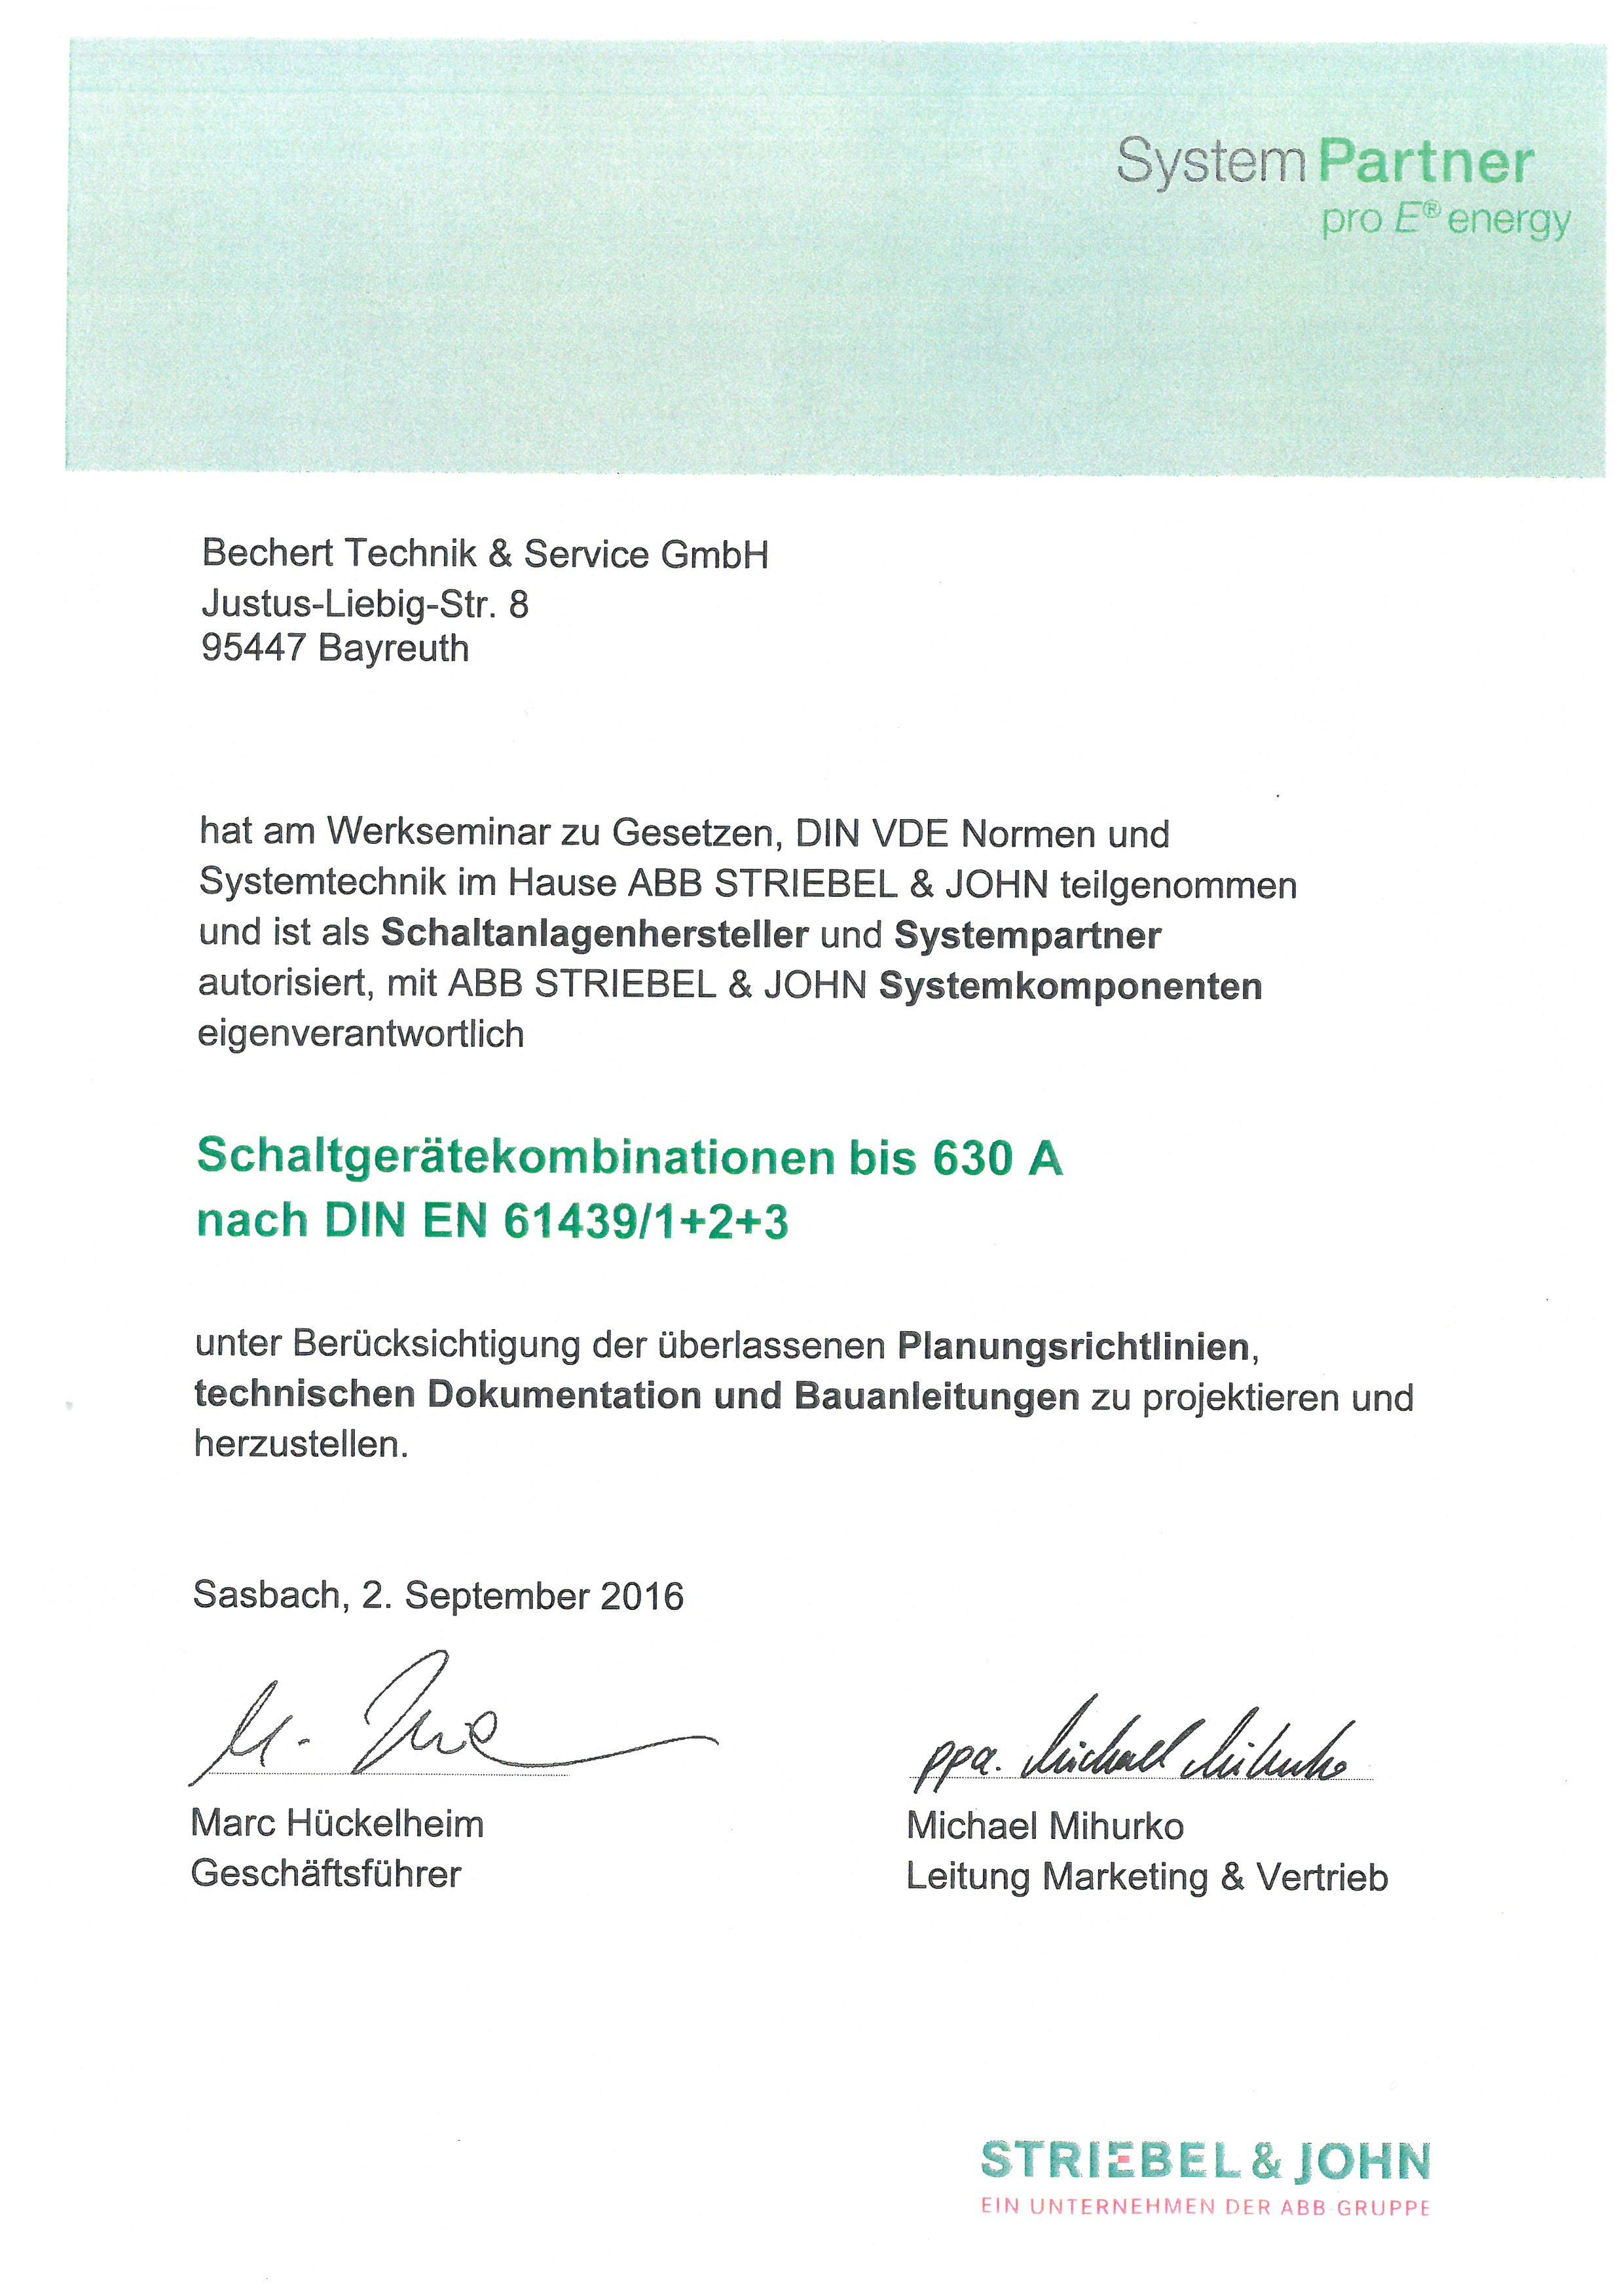 Schaltanlagenhersteller und Systempartner ABB Striebel & John